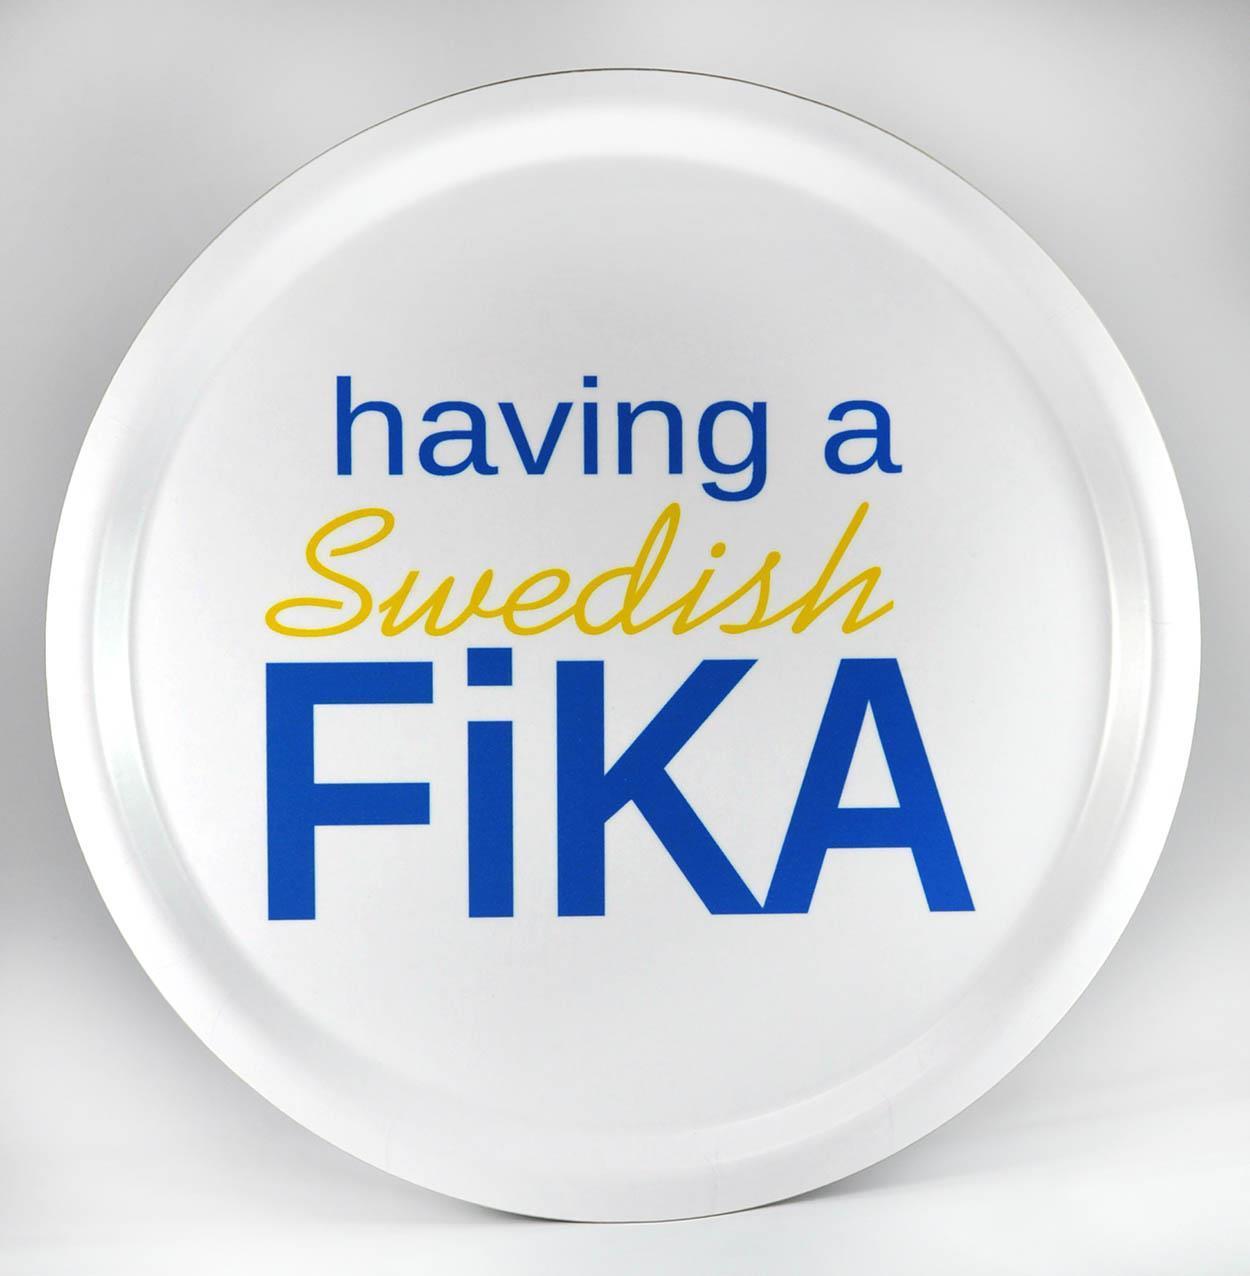 Bricka rund 31 cm, Swedish Fika, vit/blå-gul text